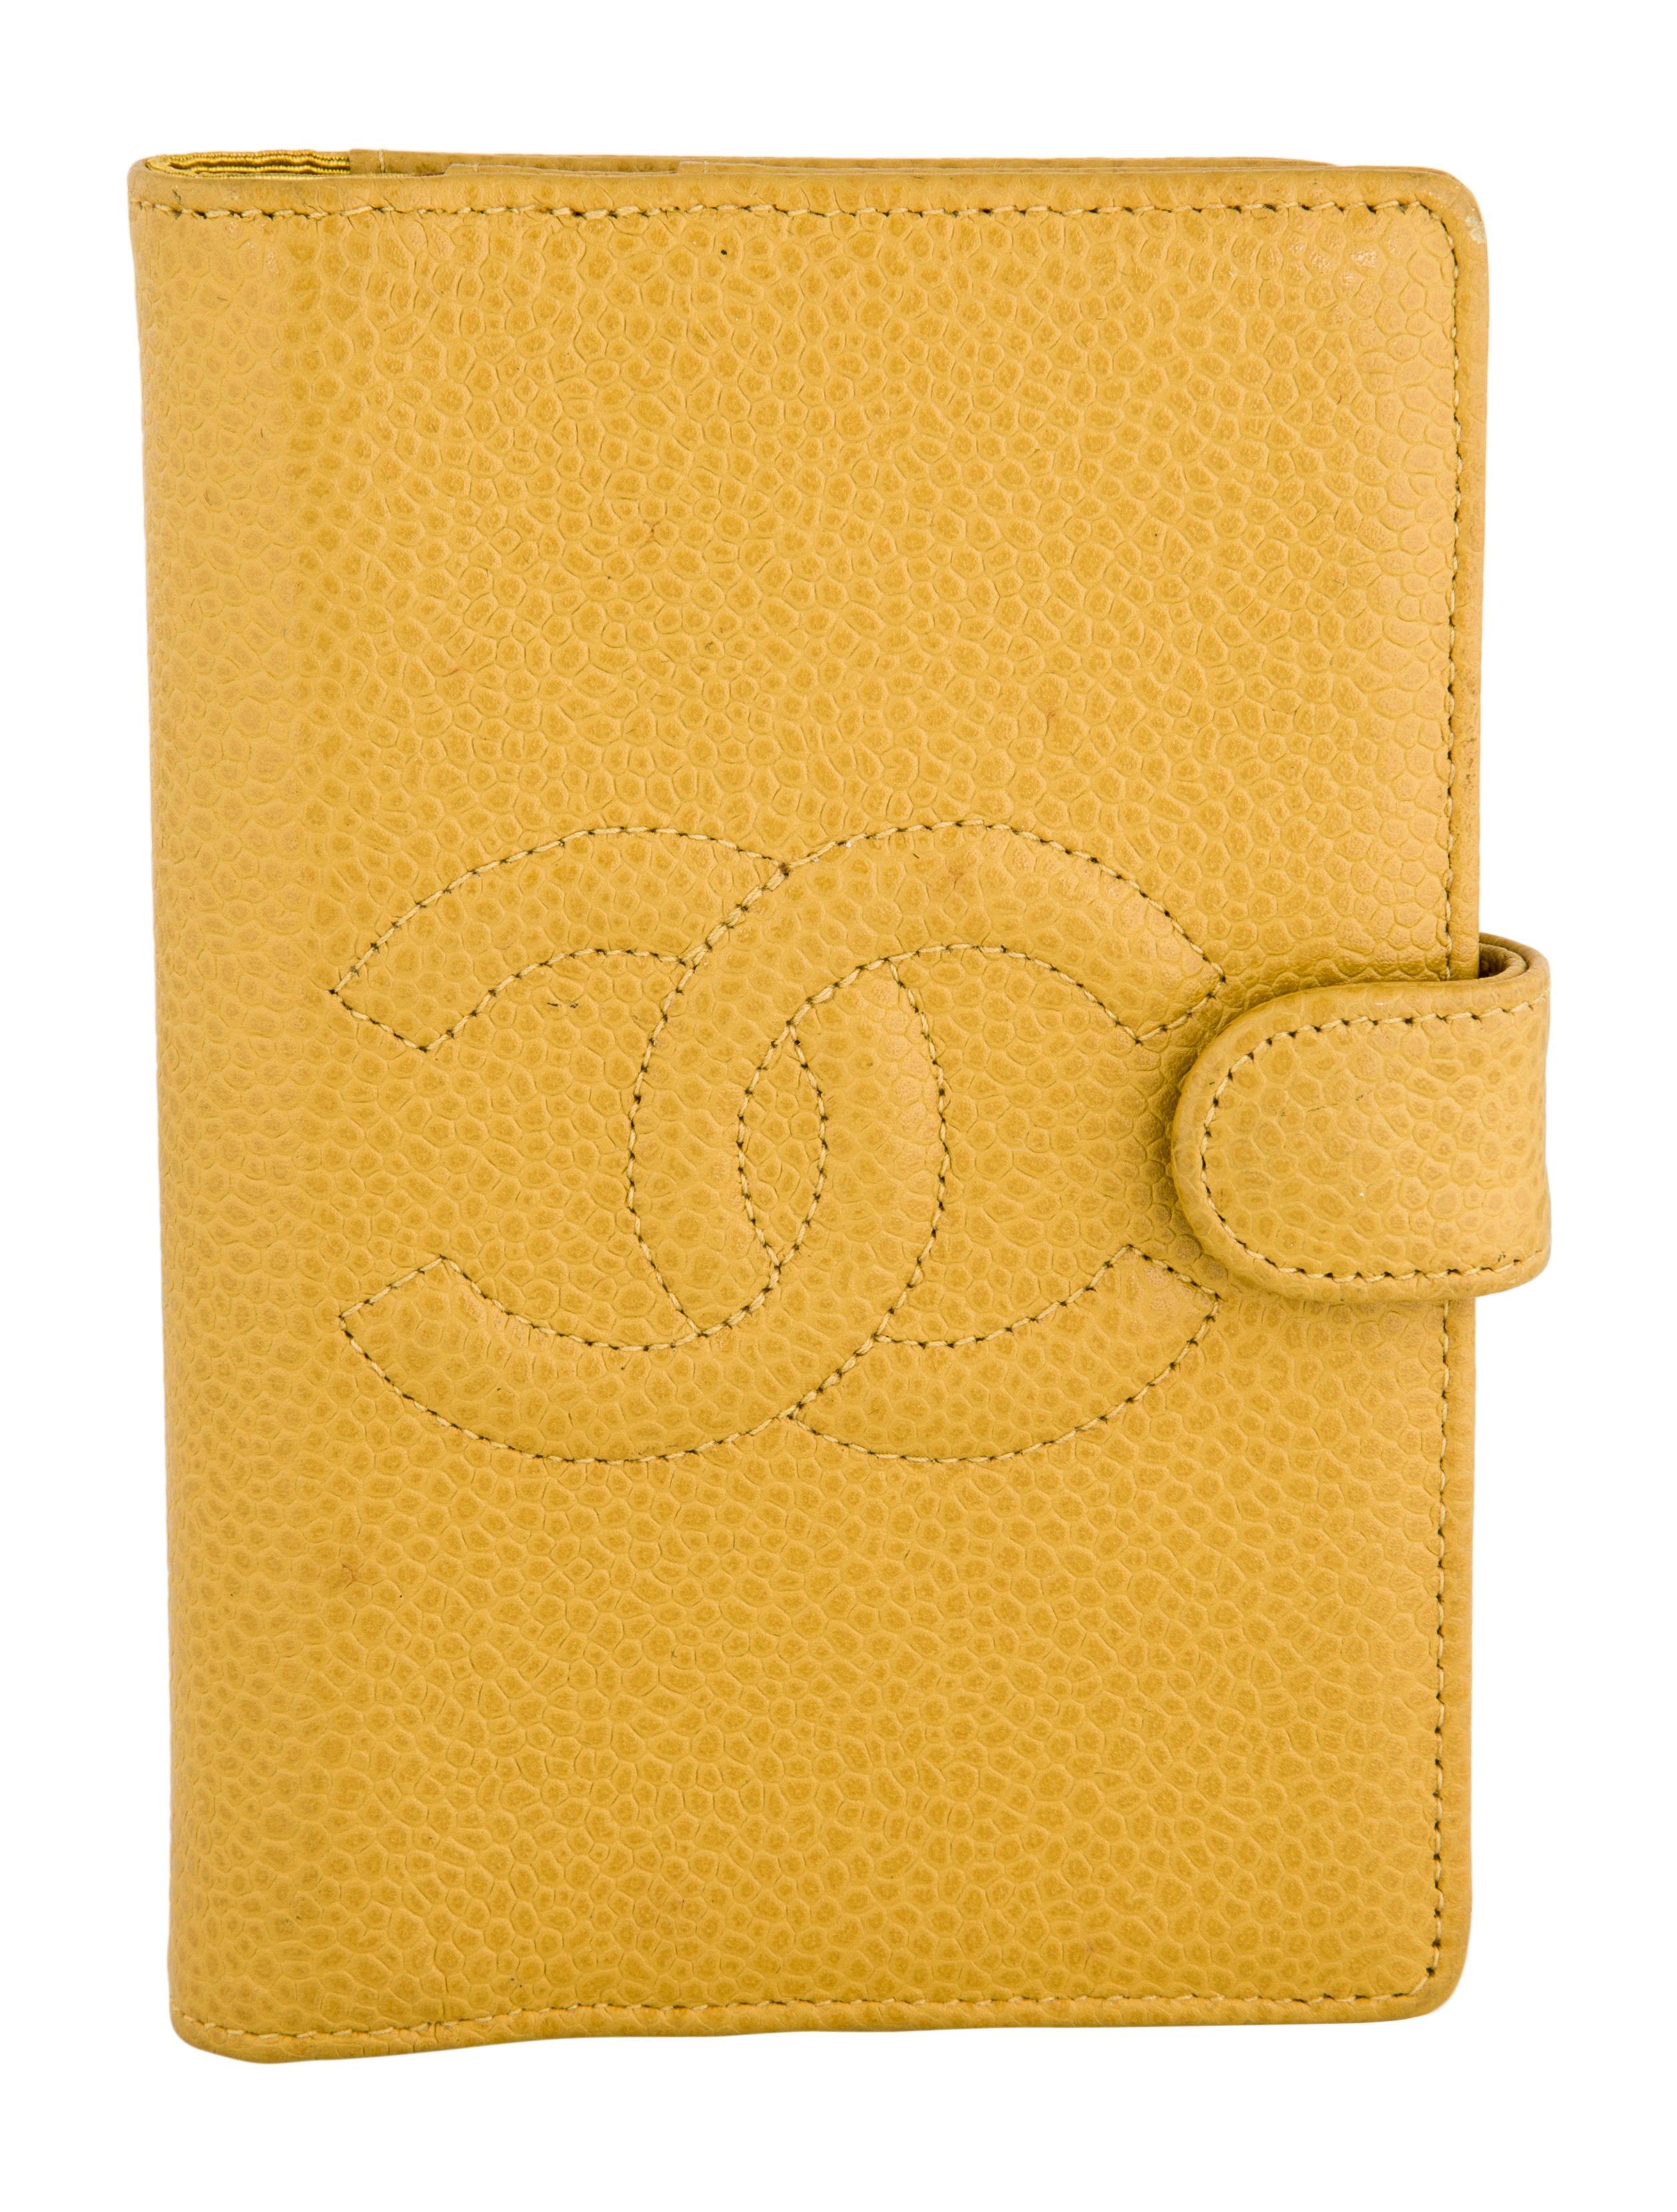 Chanel Timeless Mini Agenda Cover Decor And Accessories